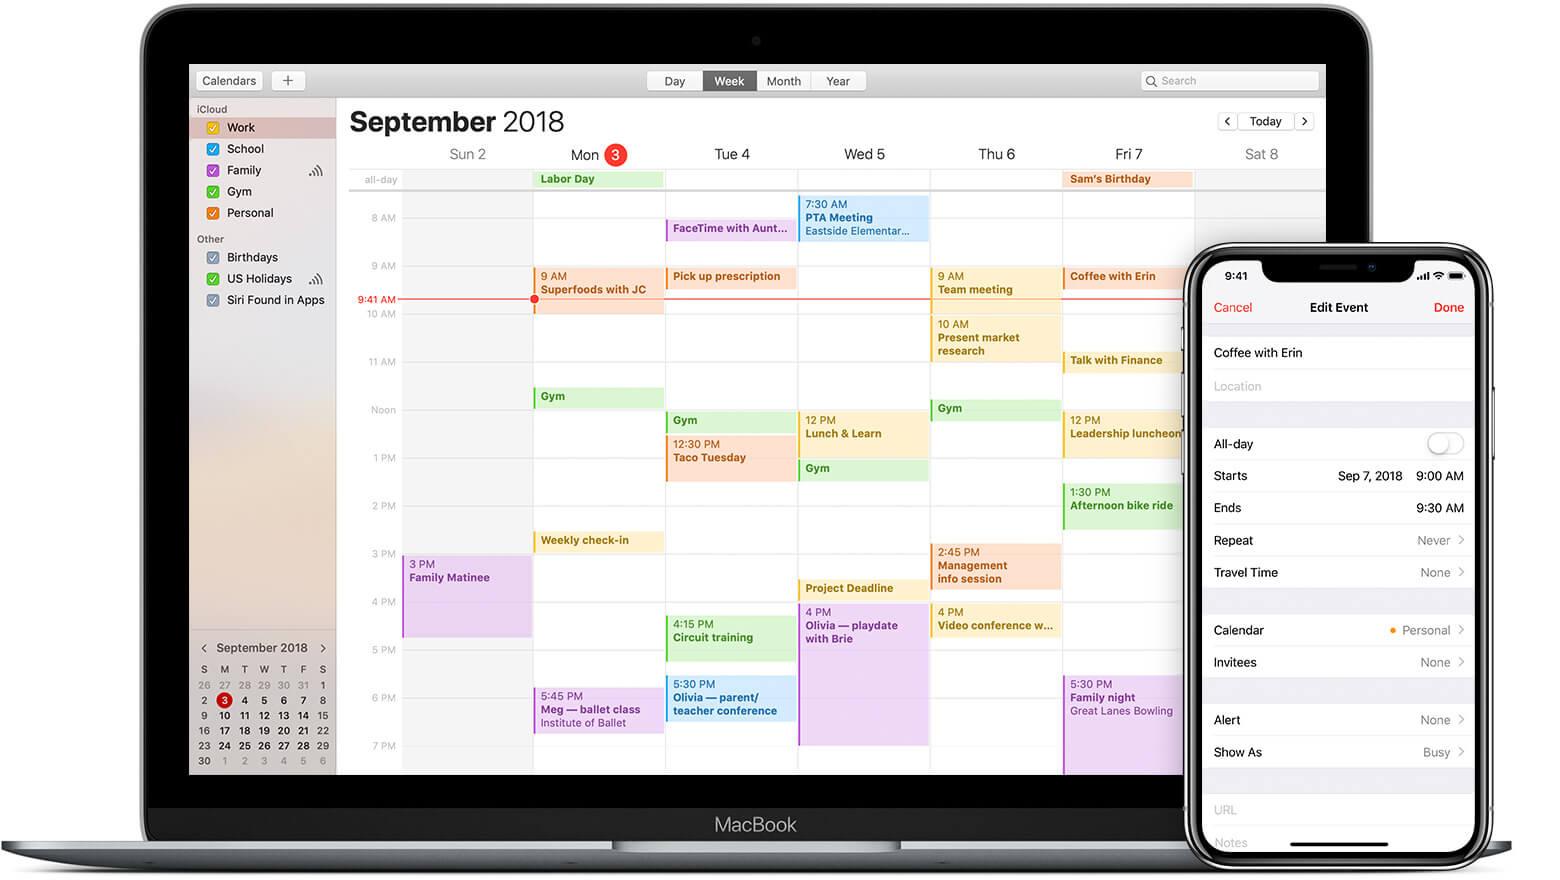 Cómo usar la función de Tiempo de viaje en el calendario - Hoy en Apple